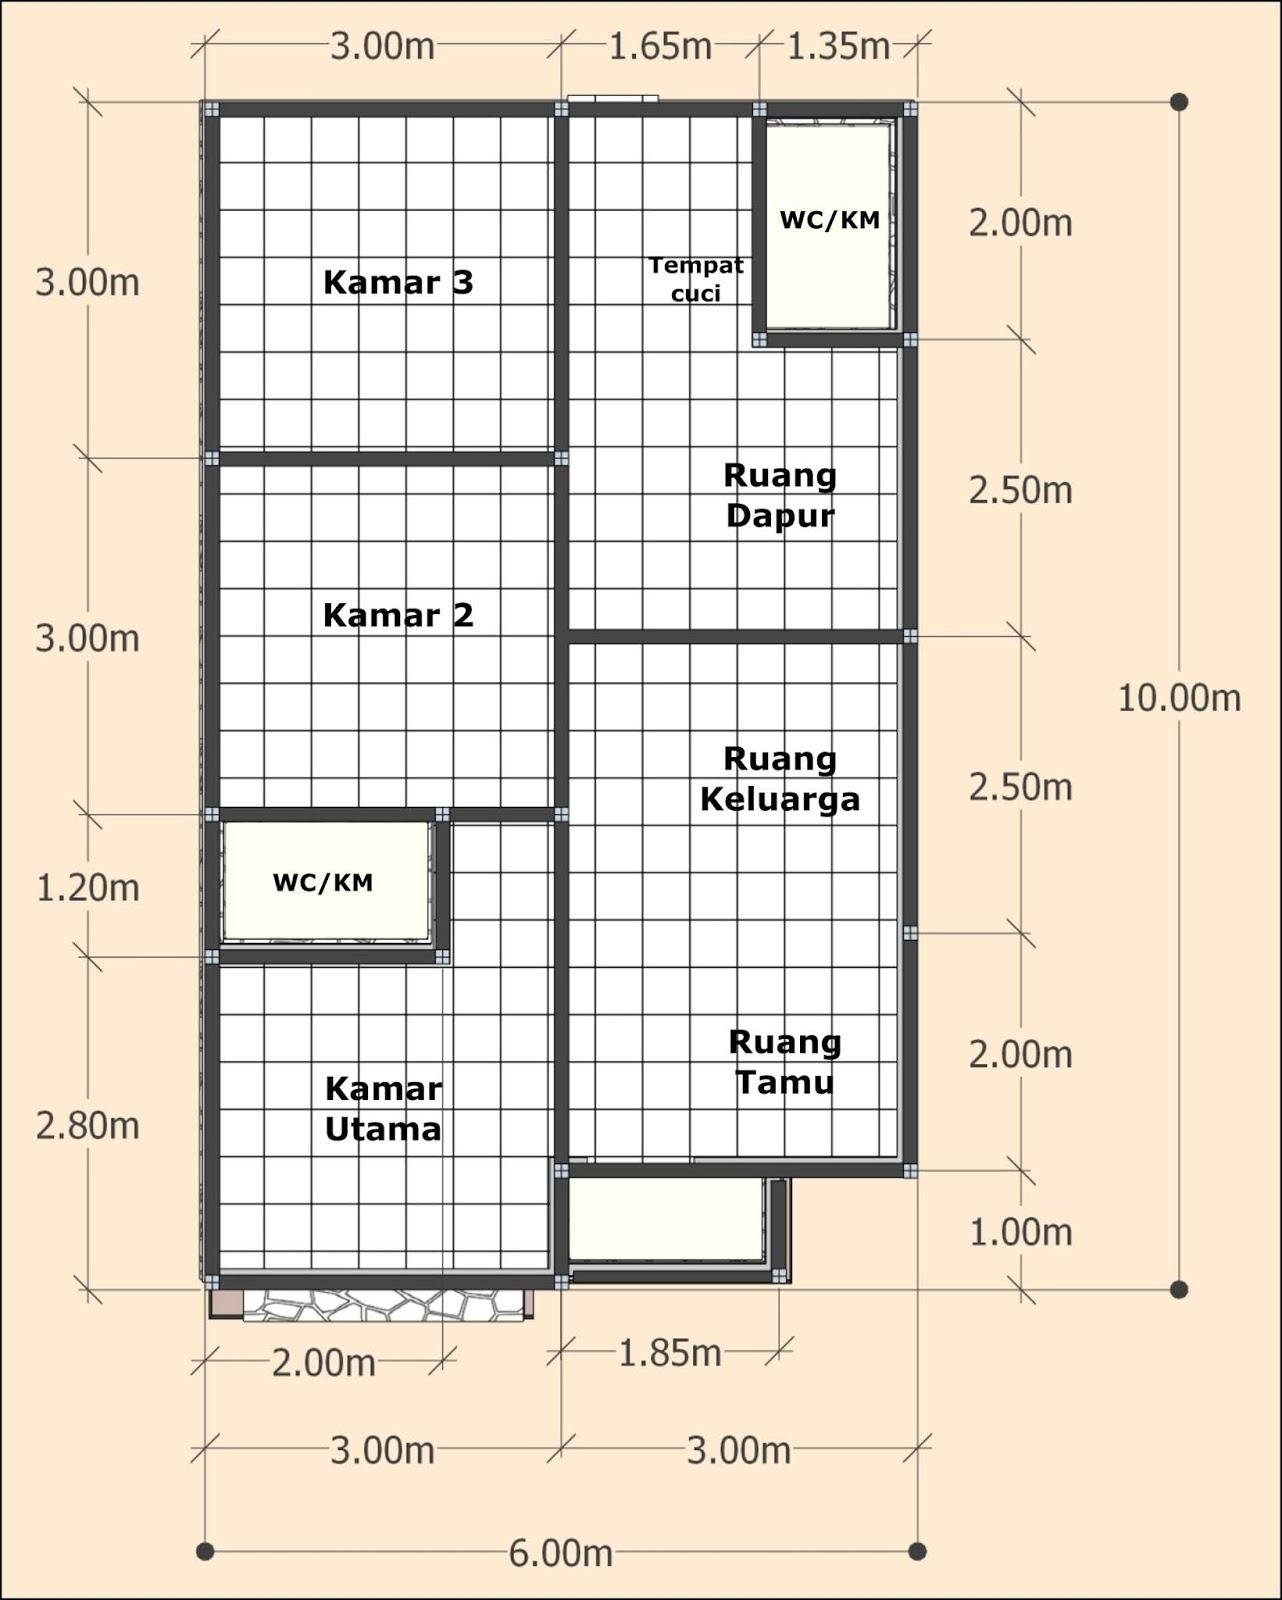 rumah kamar 3 sejajar